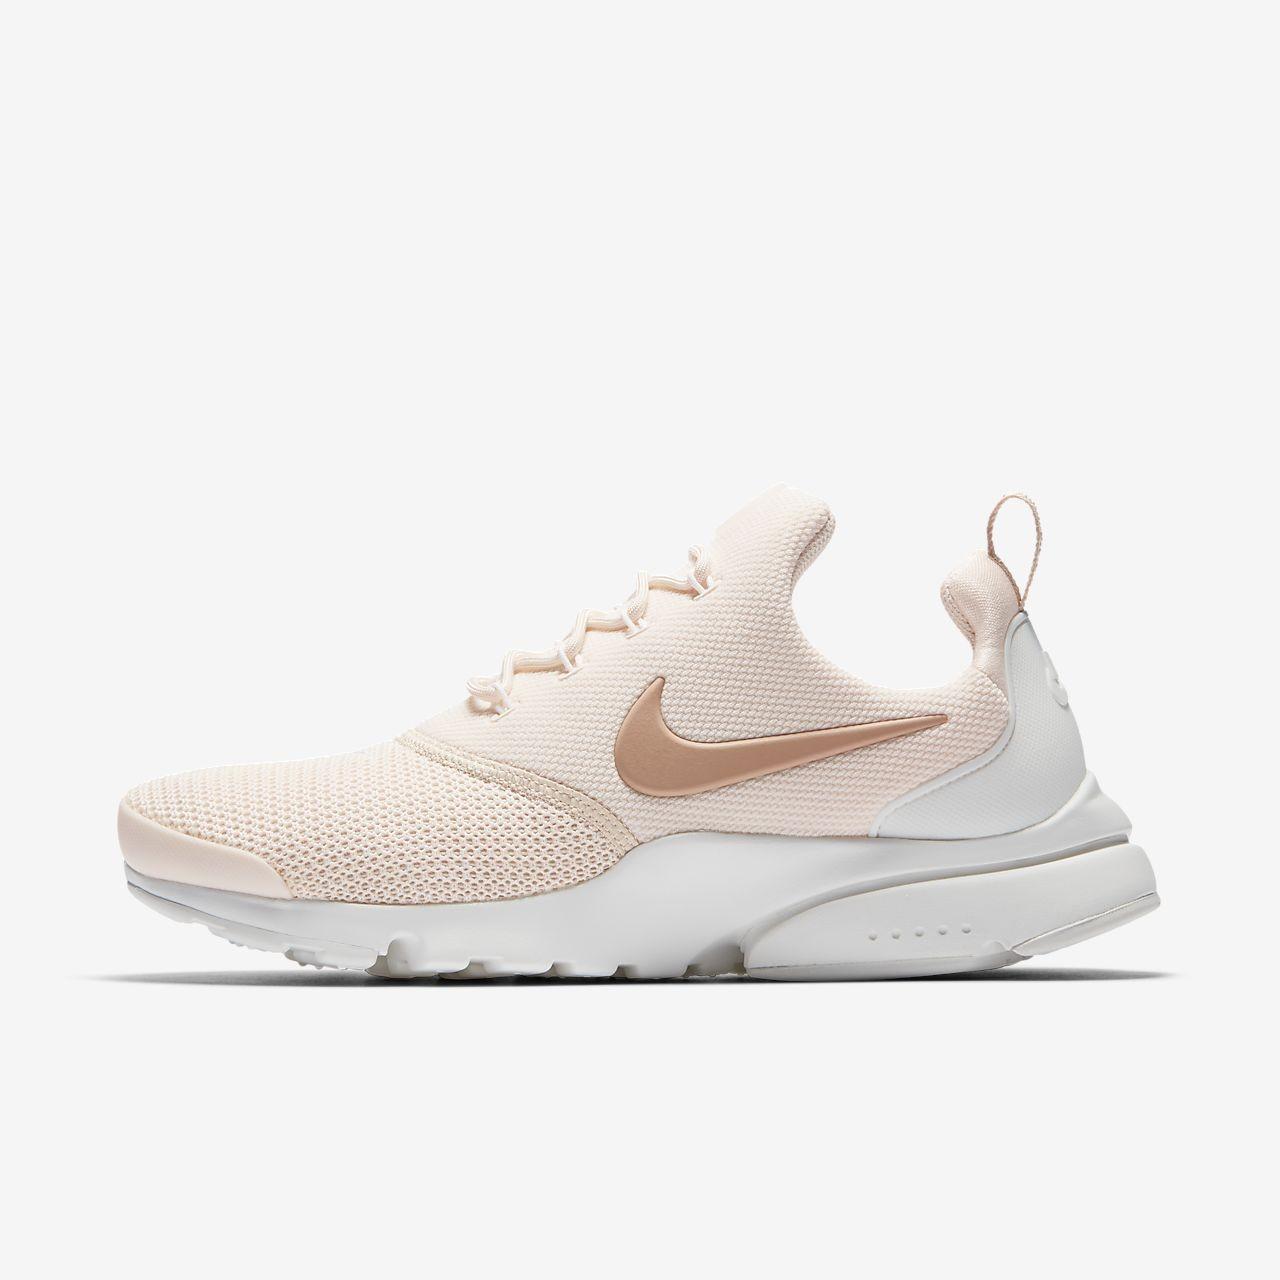 Nike Presto Fly beige